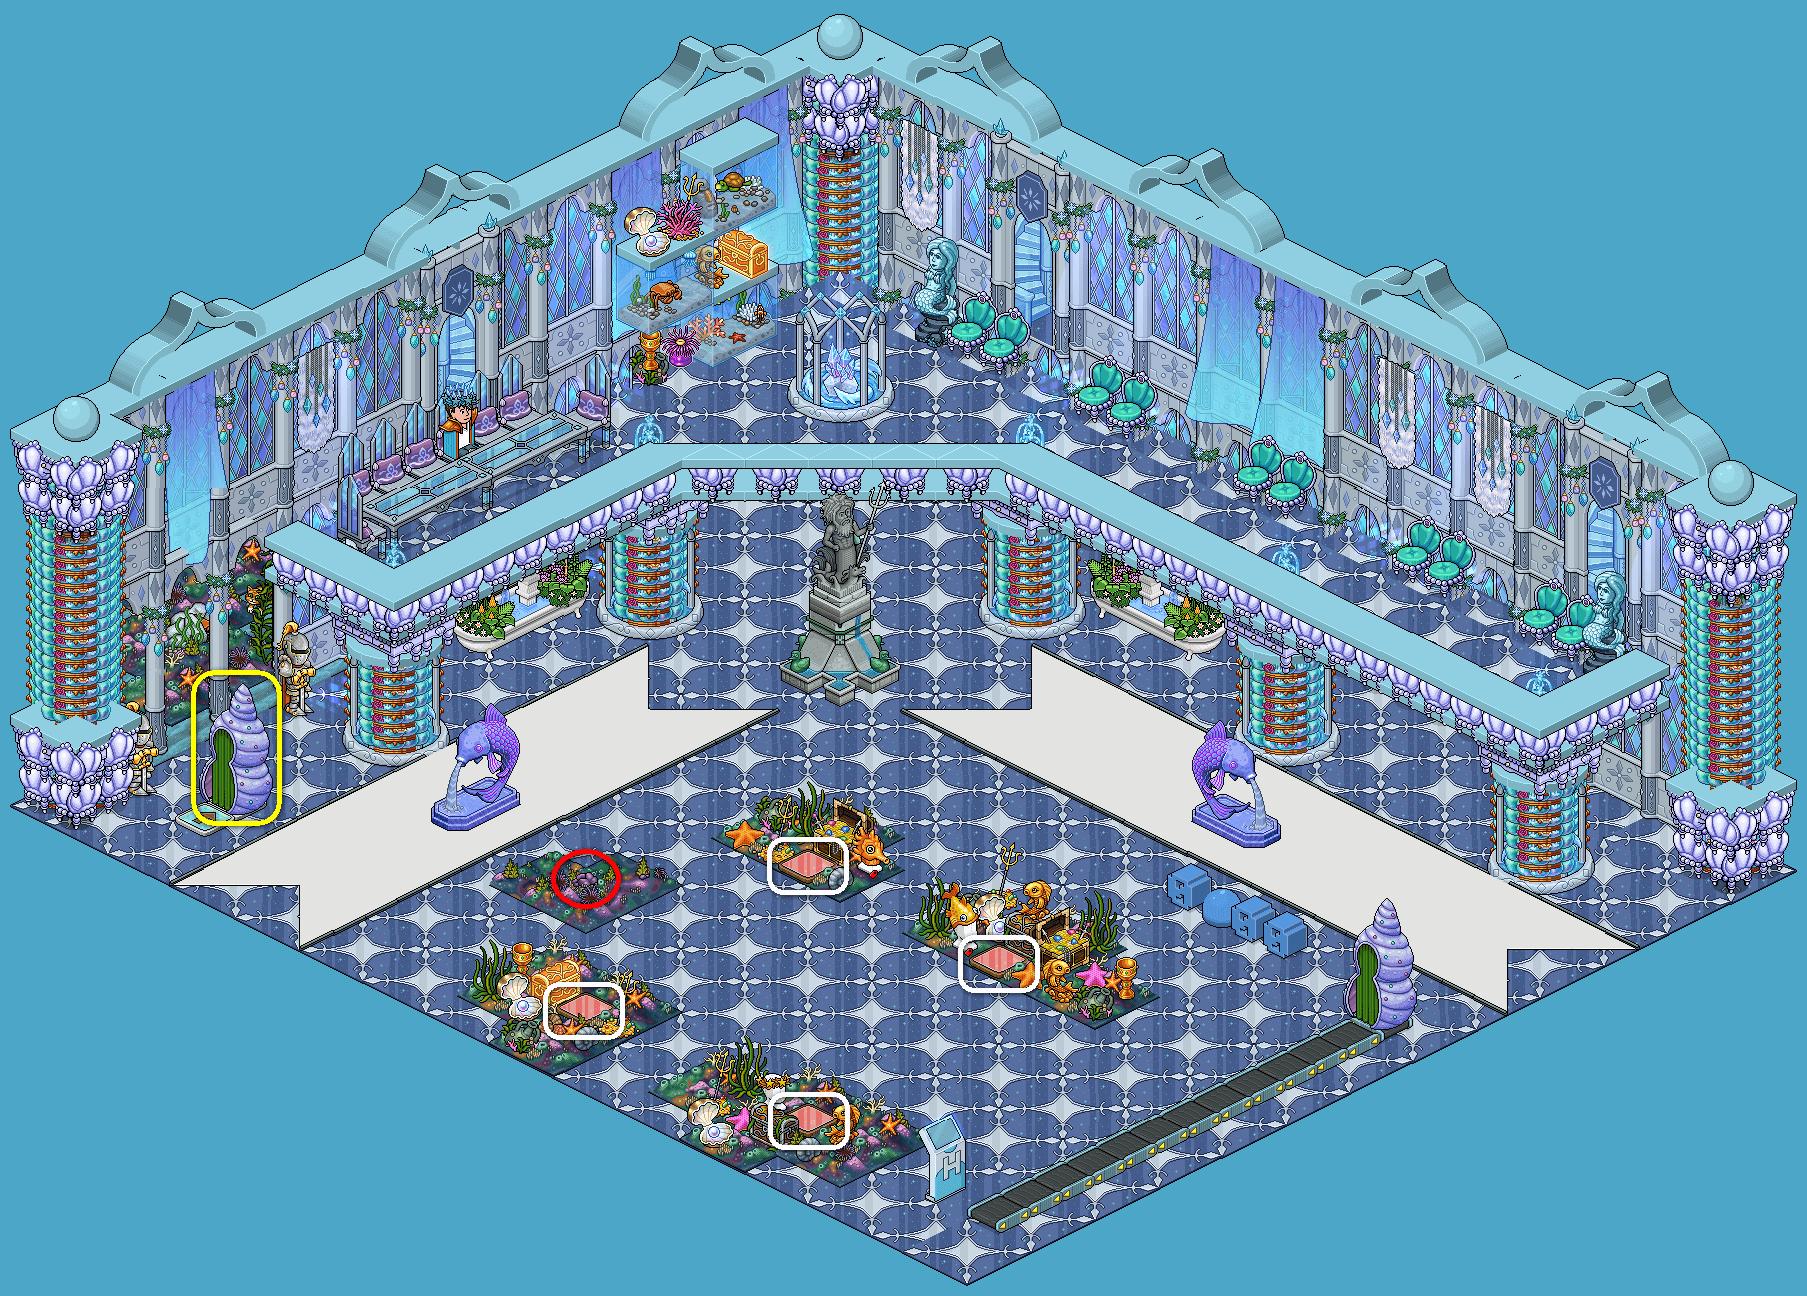 Le trésor Habbo des fonds marins - 2